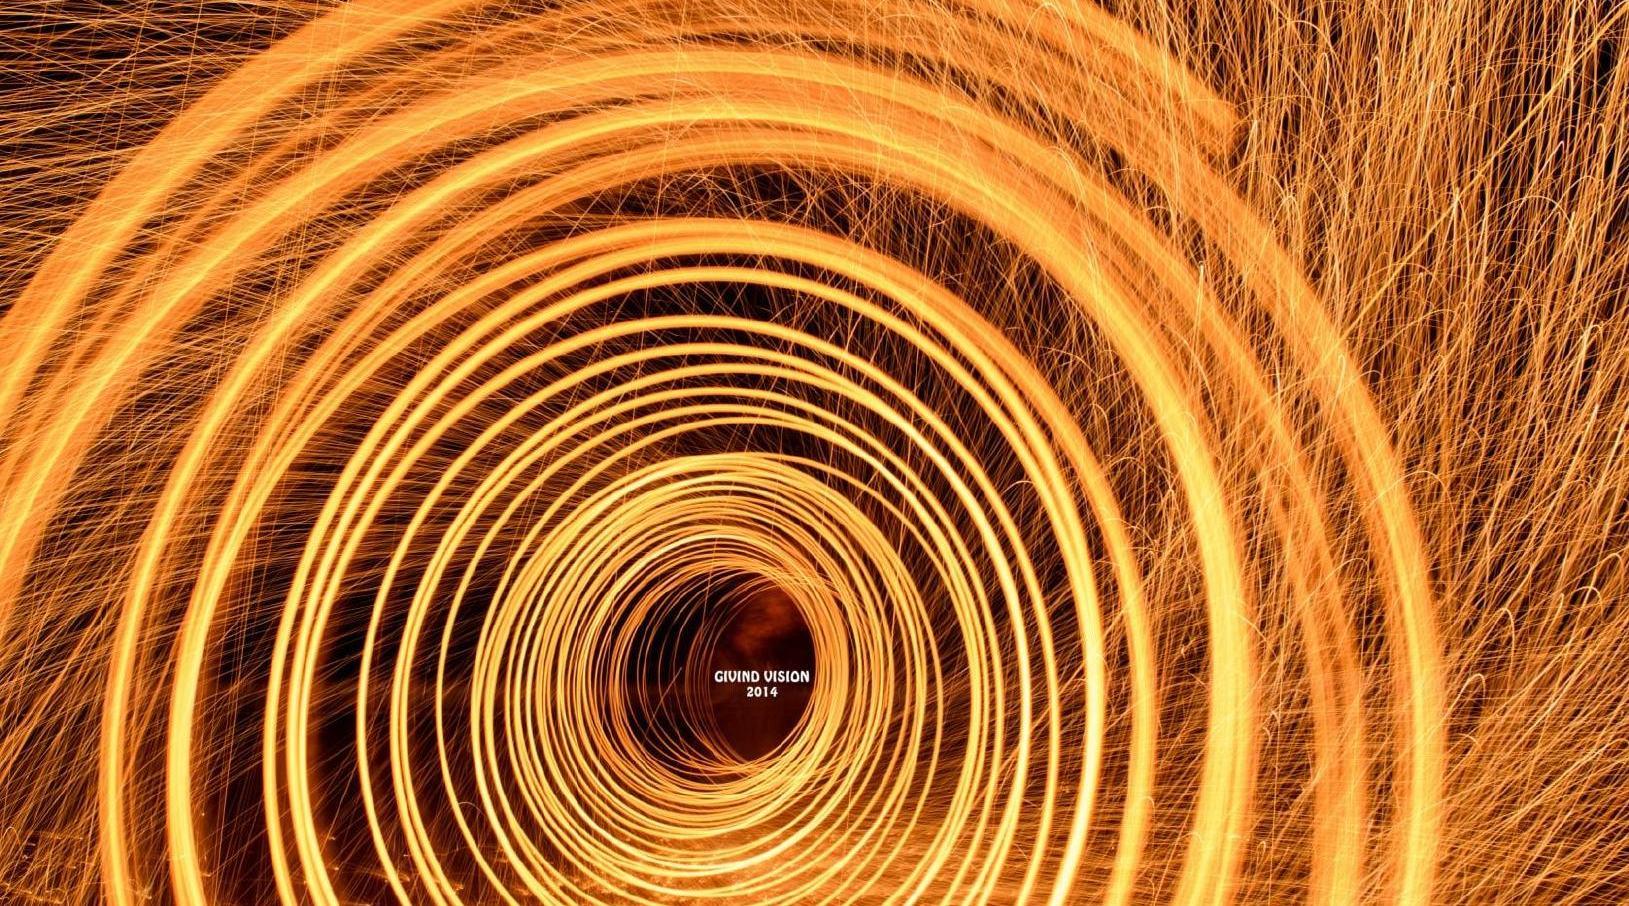 我国发现时空隧道进入后时间倒退一小时 科学家至今无解@微博旅拍